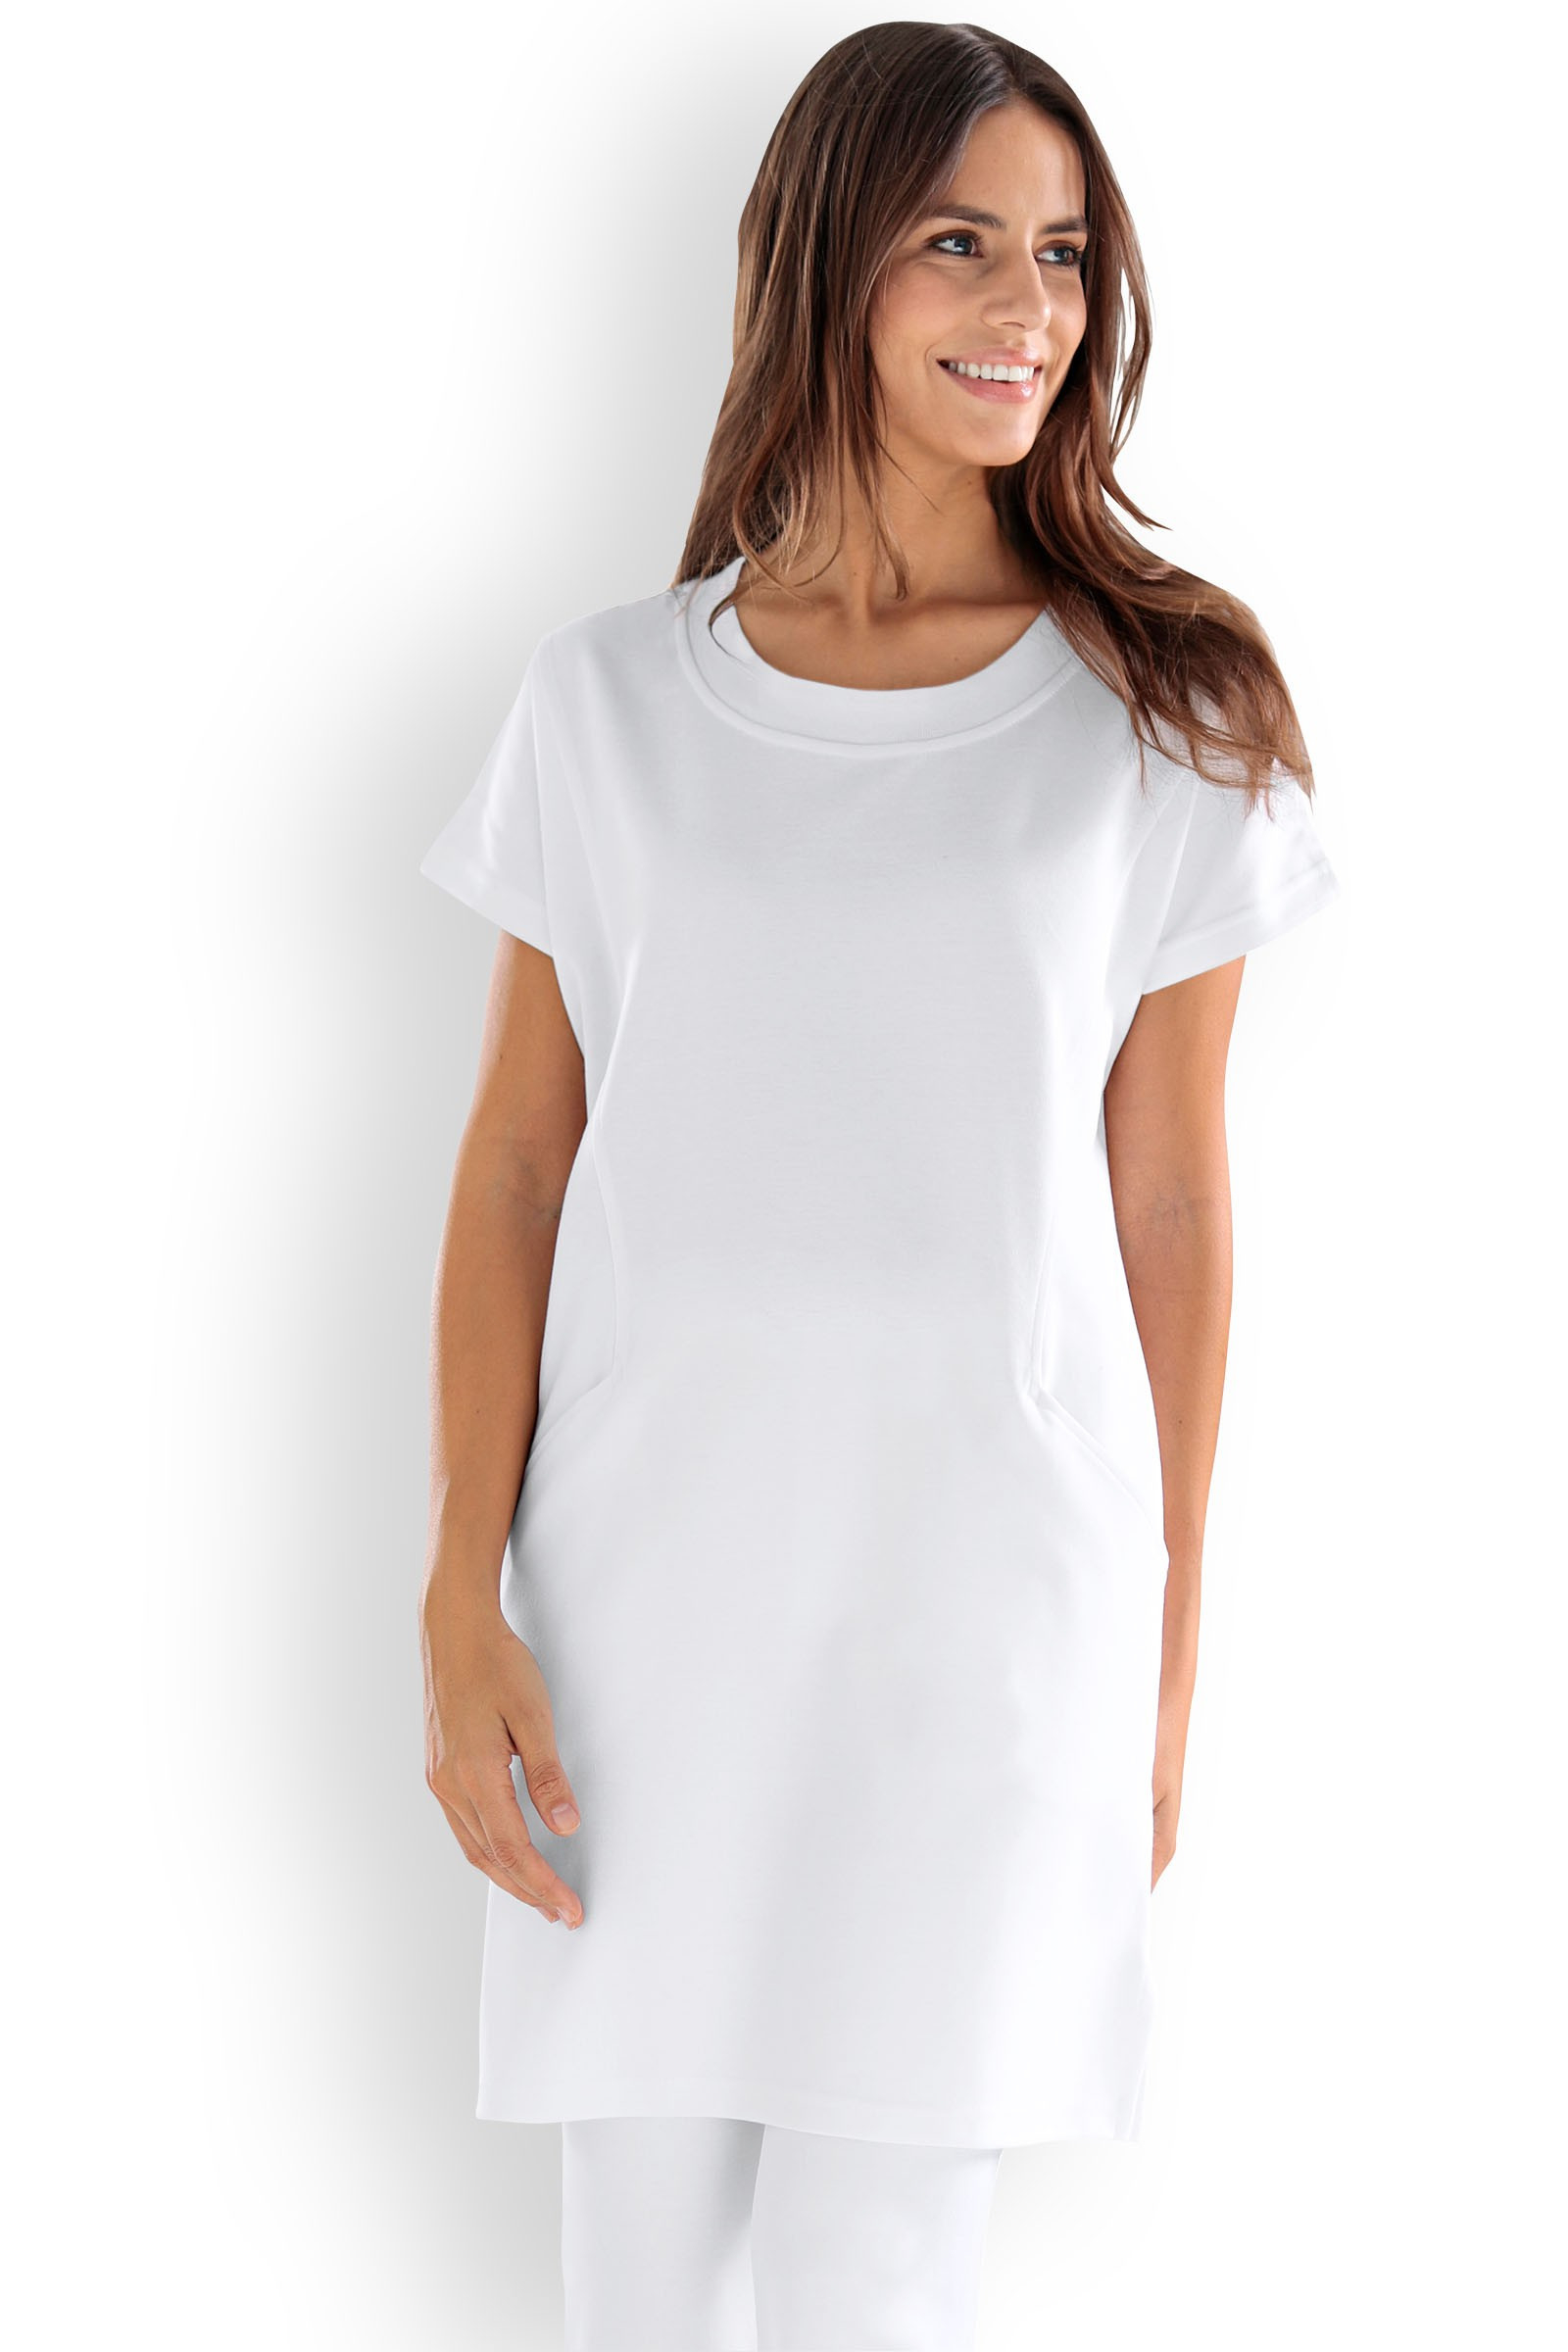 Longshirt Für Damen Weiss Extra Lang  Clinic Dress